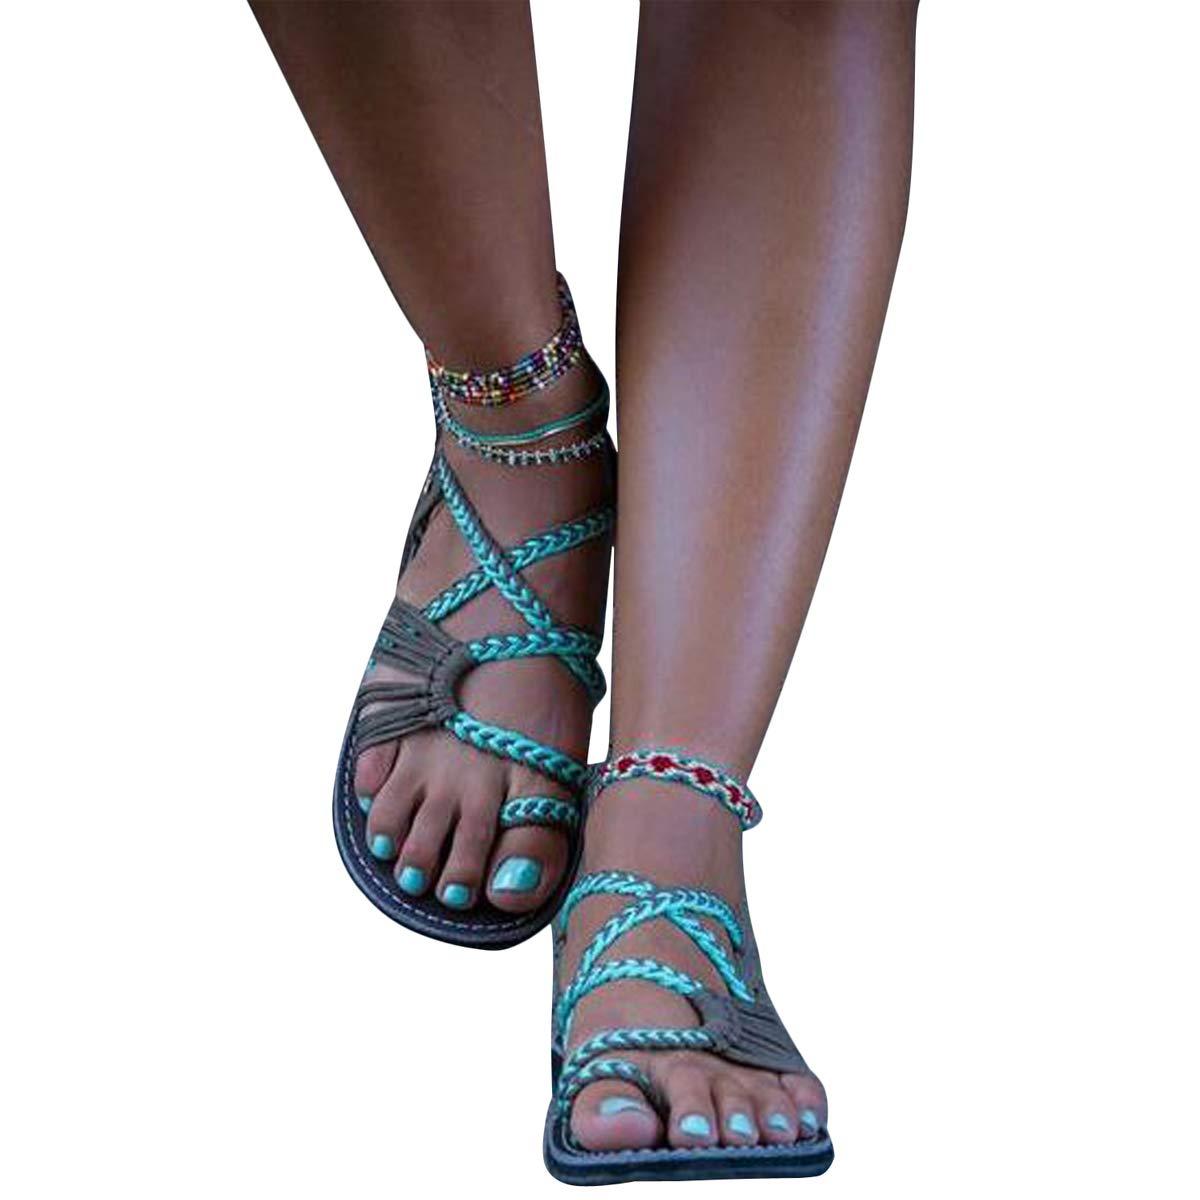 Sandales Bohême Femme Tressée B075W2NXYP Sandales Femmes Chaussures de X Plage Plats Bohême Clip Toe Herringbone Flip Flops X Vert b0aad85 - reprogrammed.space